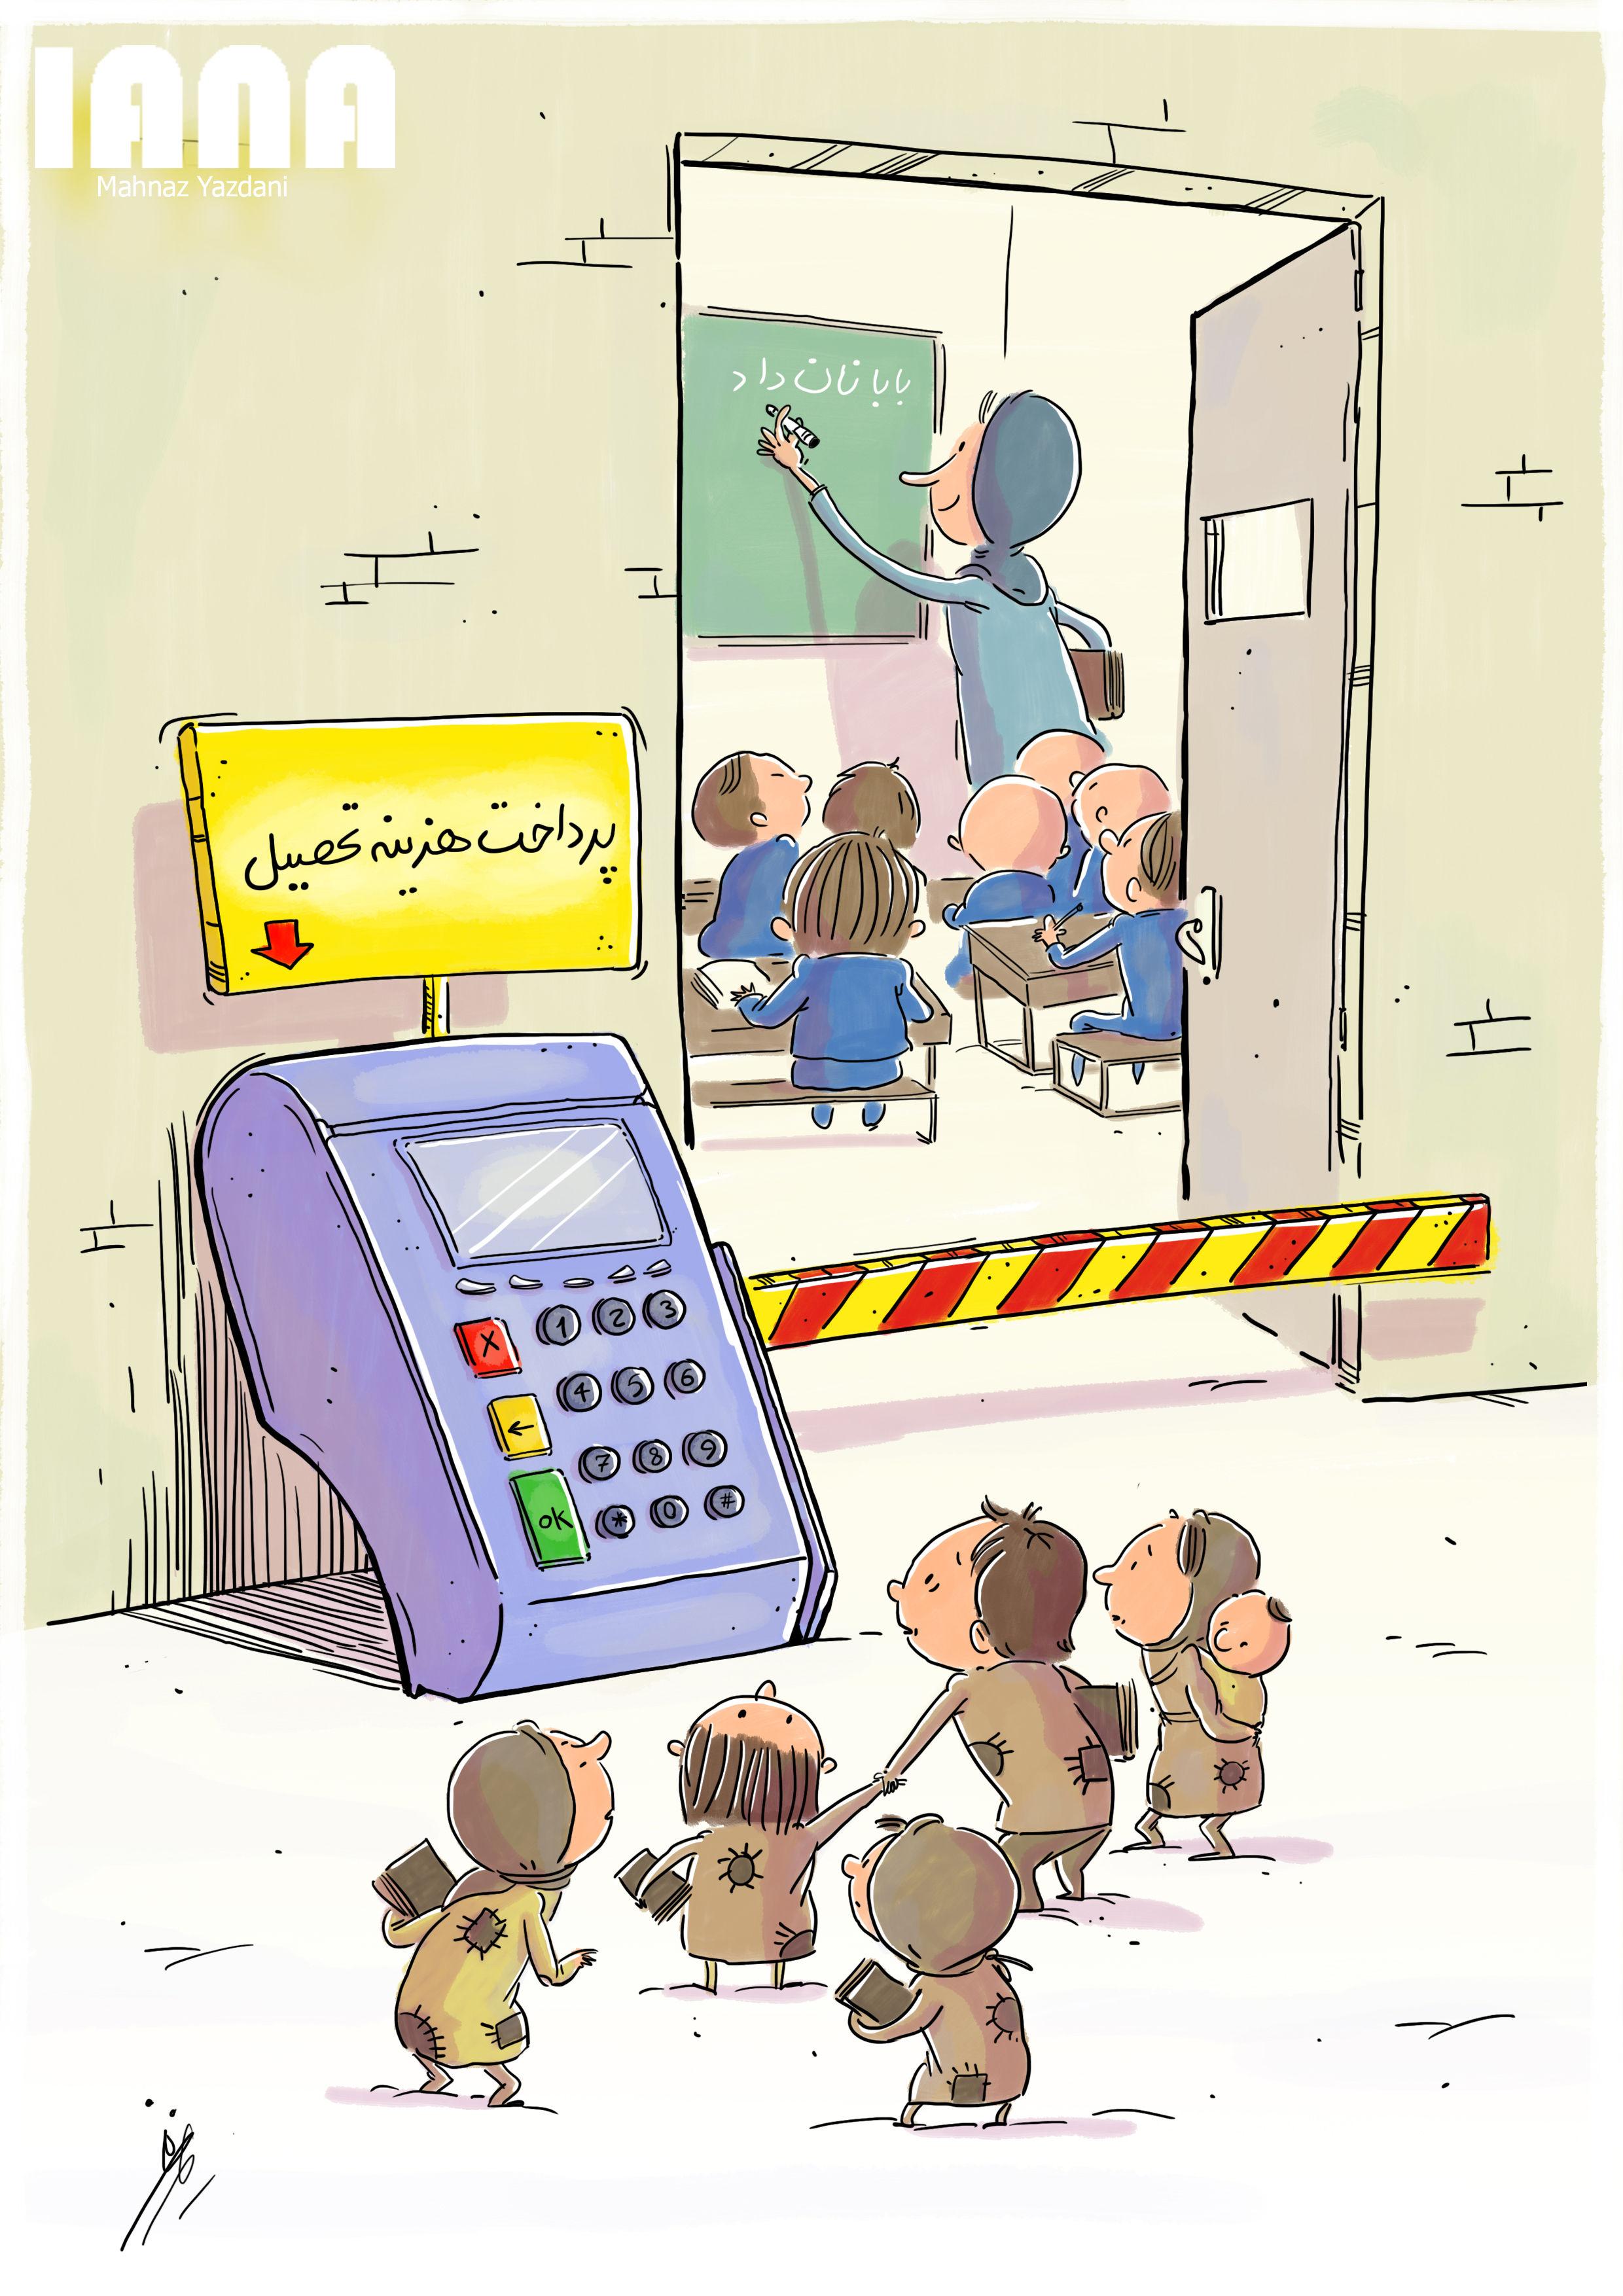 خبرآنلاین،امسال هم دو ملیون دانش آموز از تحصیل باز ماندند-کارتون مهناز یزدانی